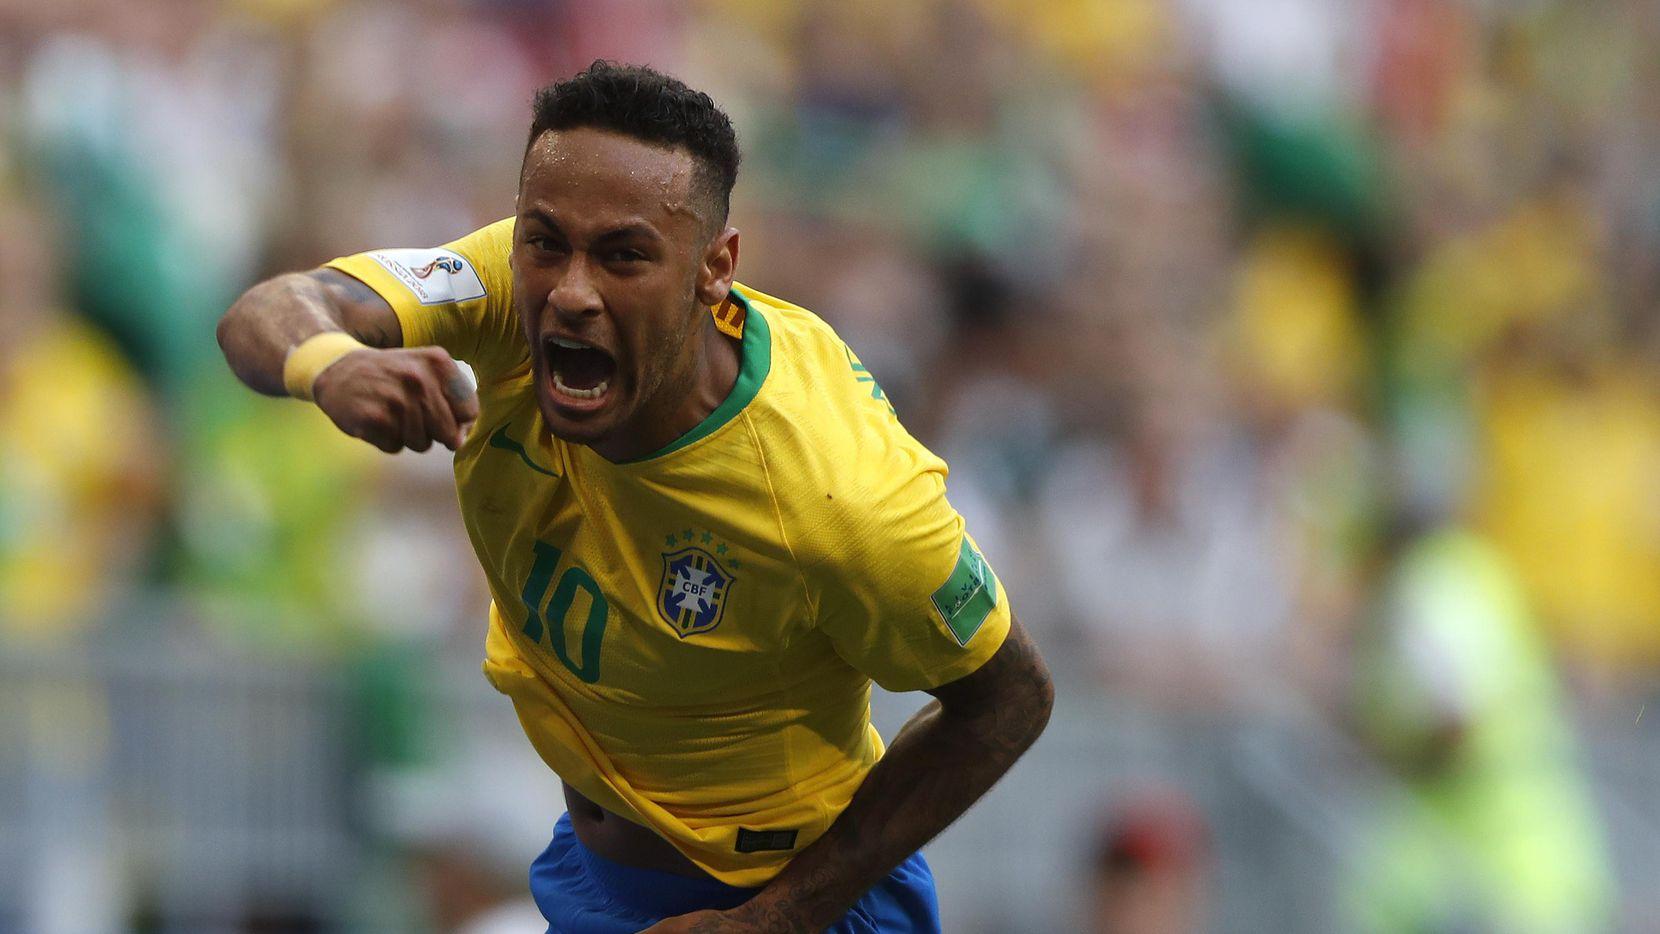 Neymar celebra luego de anotar uno de los dos goles de la victoria de Brasil sobre México, el lunes en Samara, en la ronda de octavos de final del Mundial de Rusia. (AP/Frank Augstein)